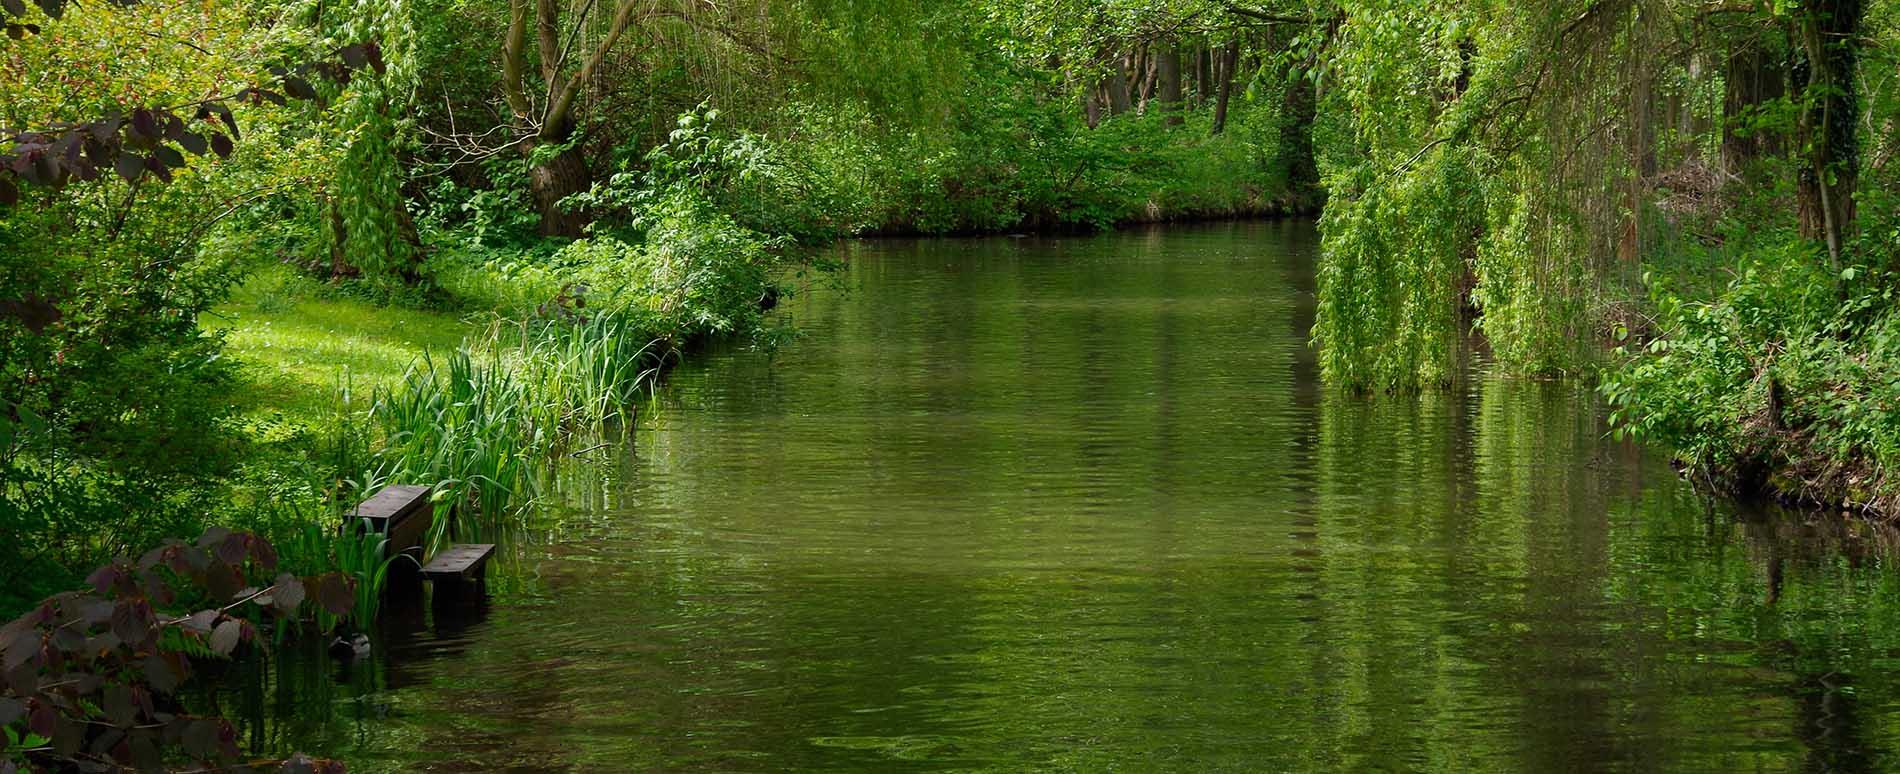 Fließ in Burg Kauper